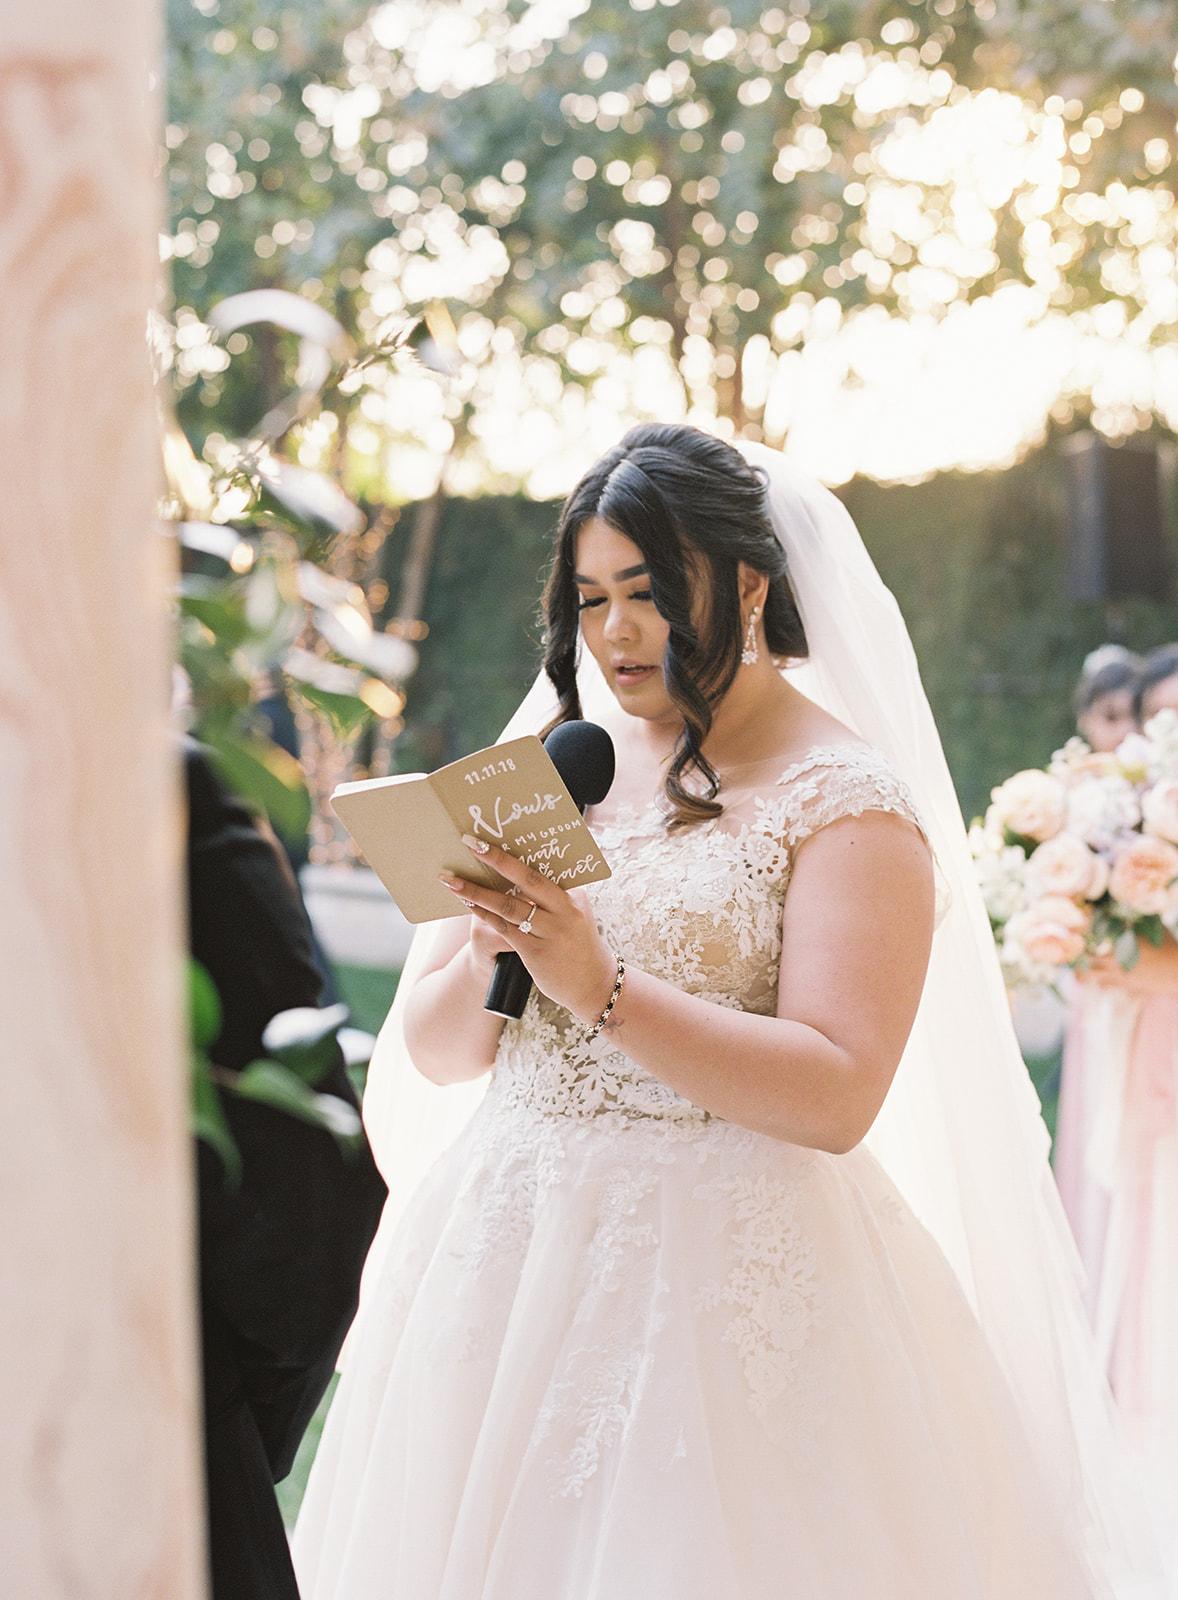 NathalieChengPhotography_AiahMichael_Wedding_486.jpg